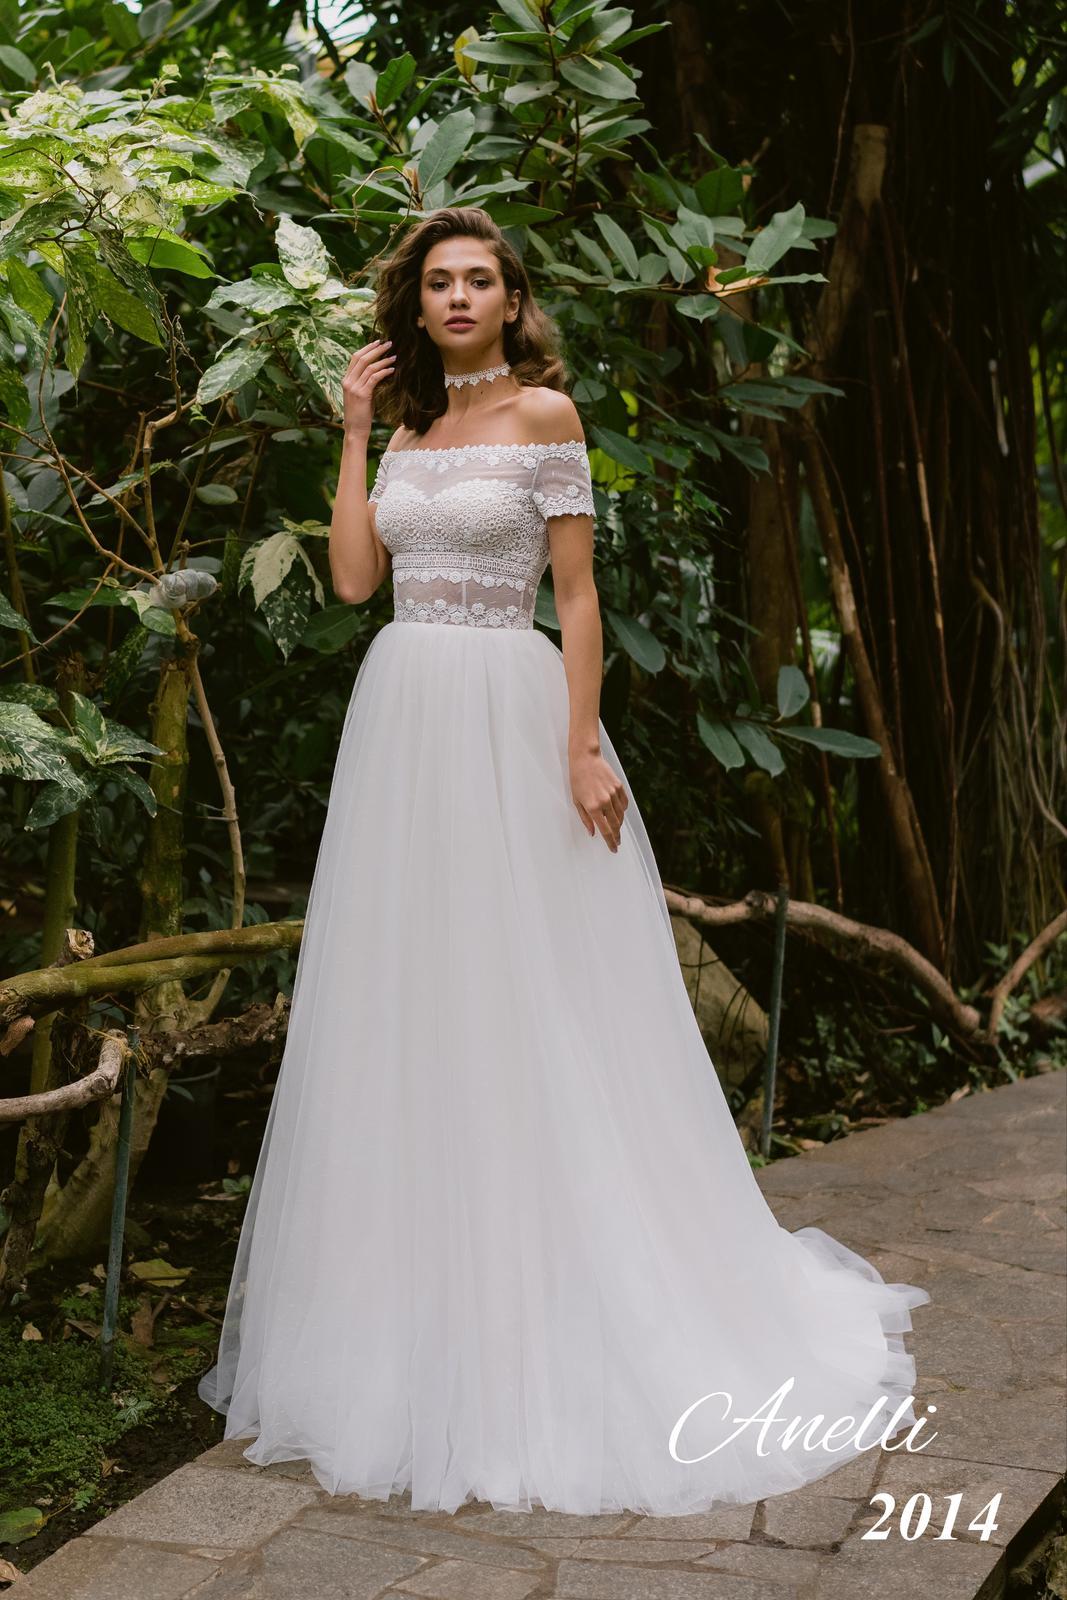 Svadobné šaty - Breeze 2014 - Obrázok č. 2